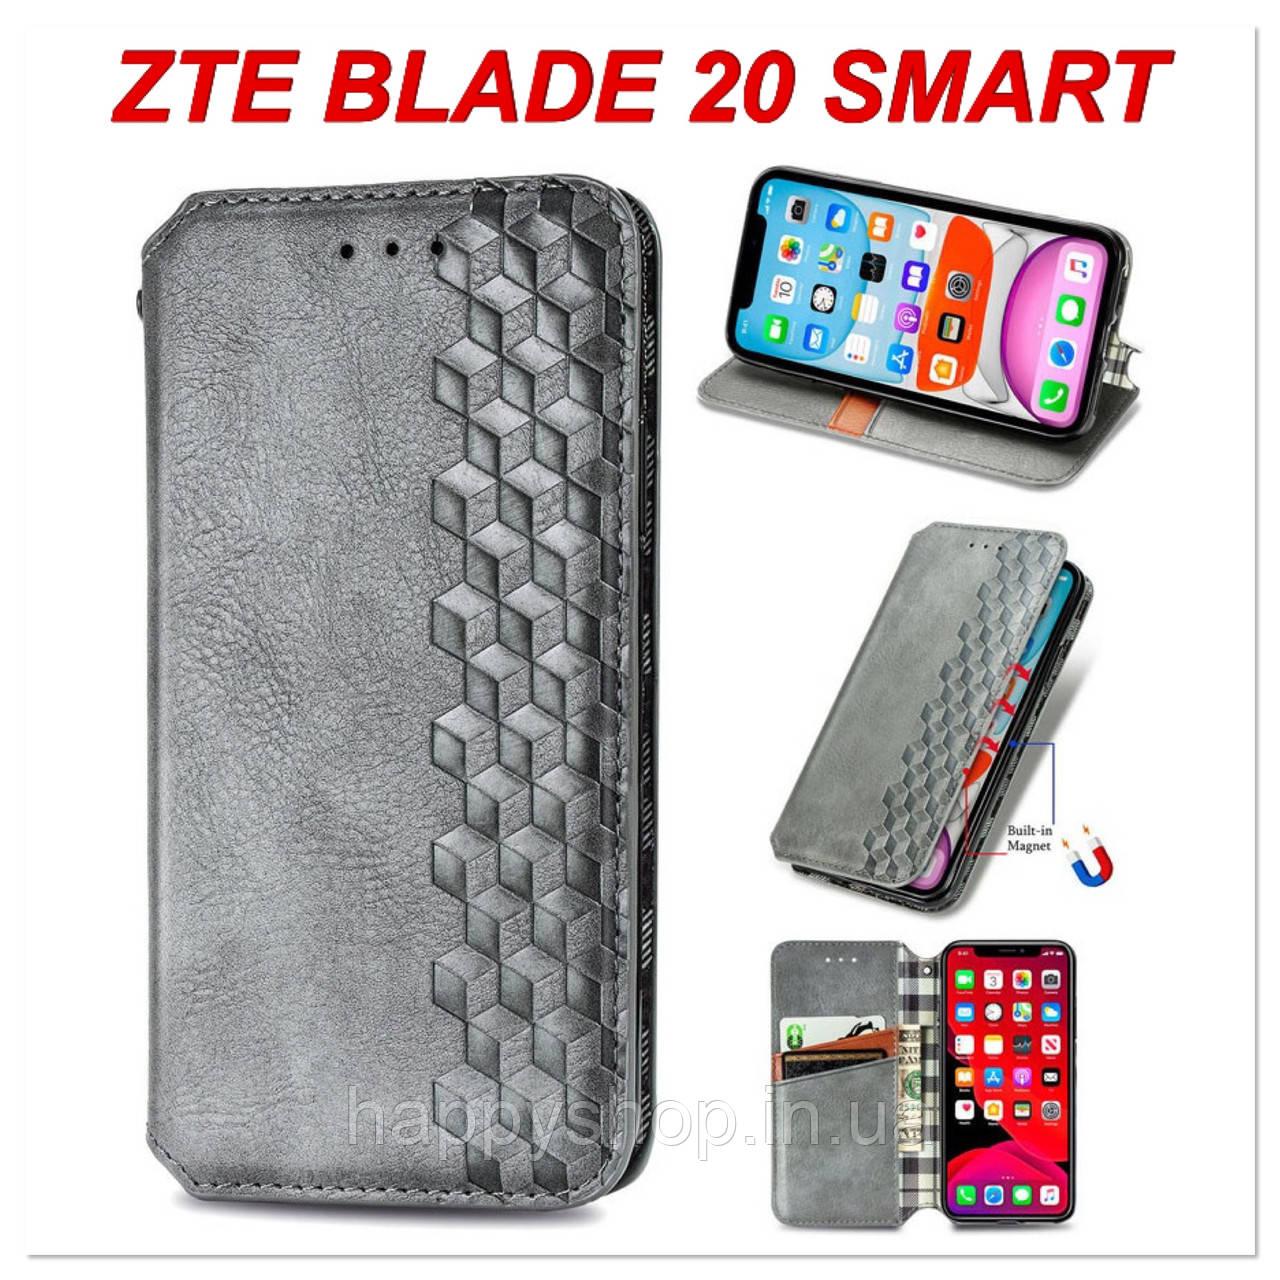 Чохол-книжка GETMAN Cubic для ZTE Blade 20 Smart (Сірий)